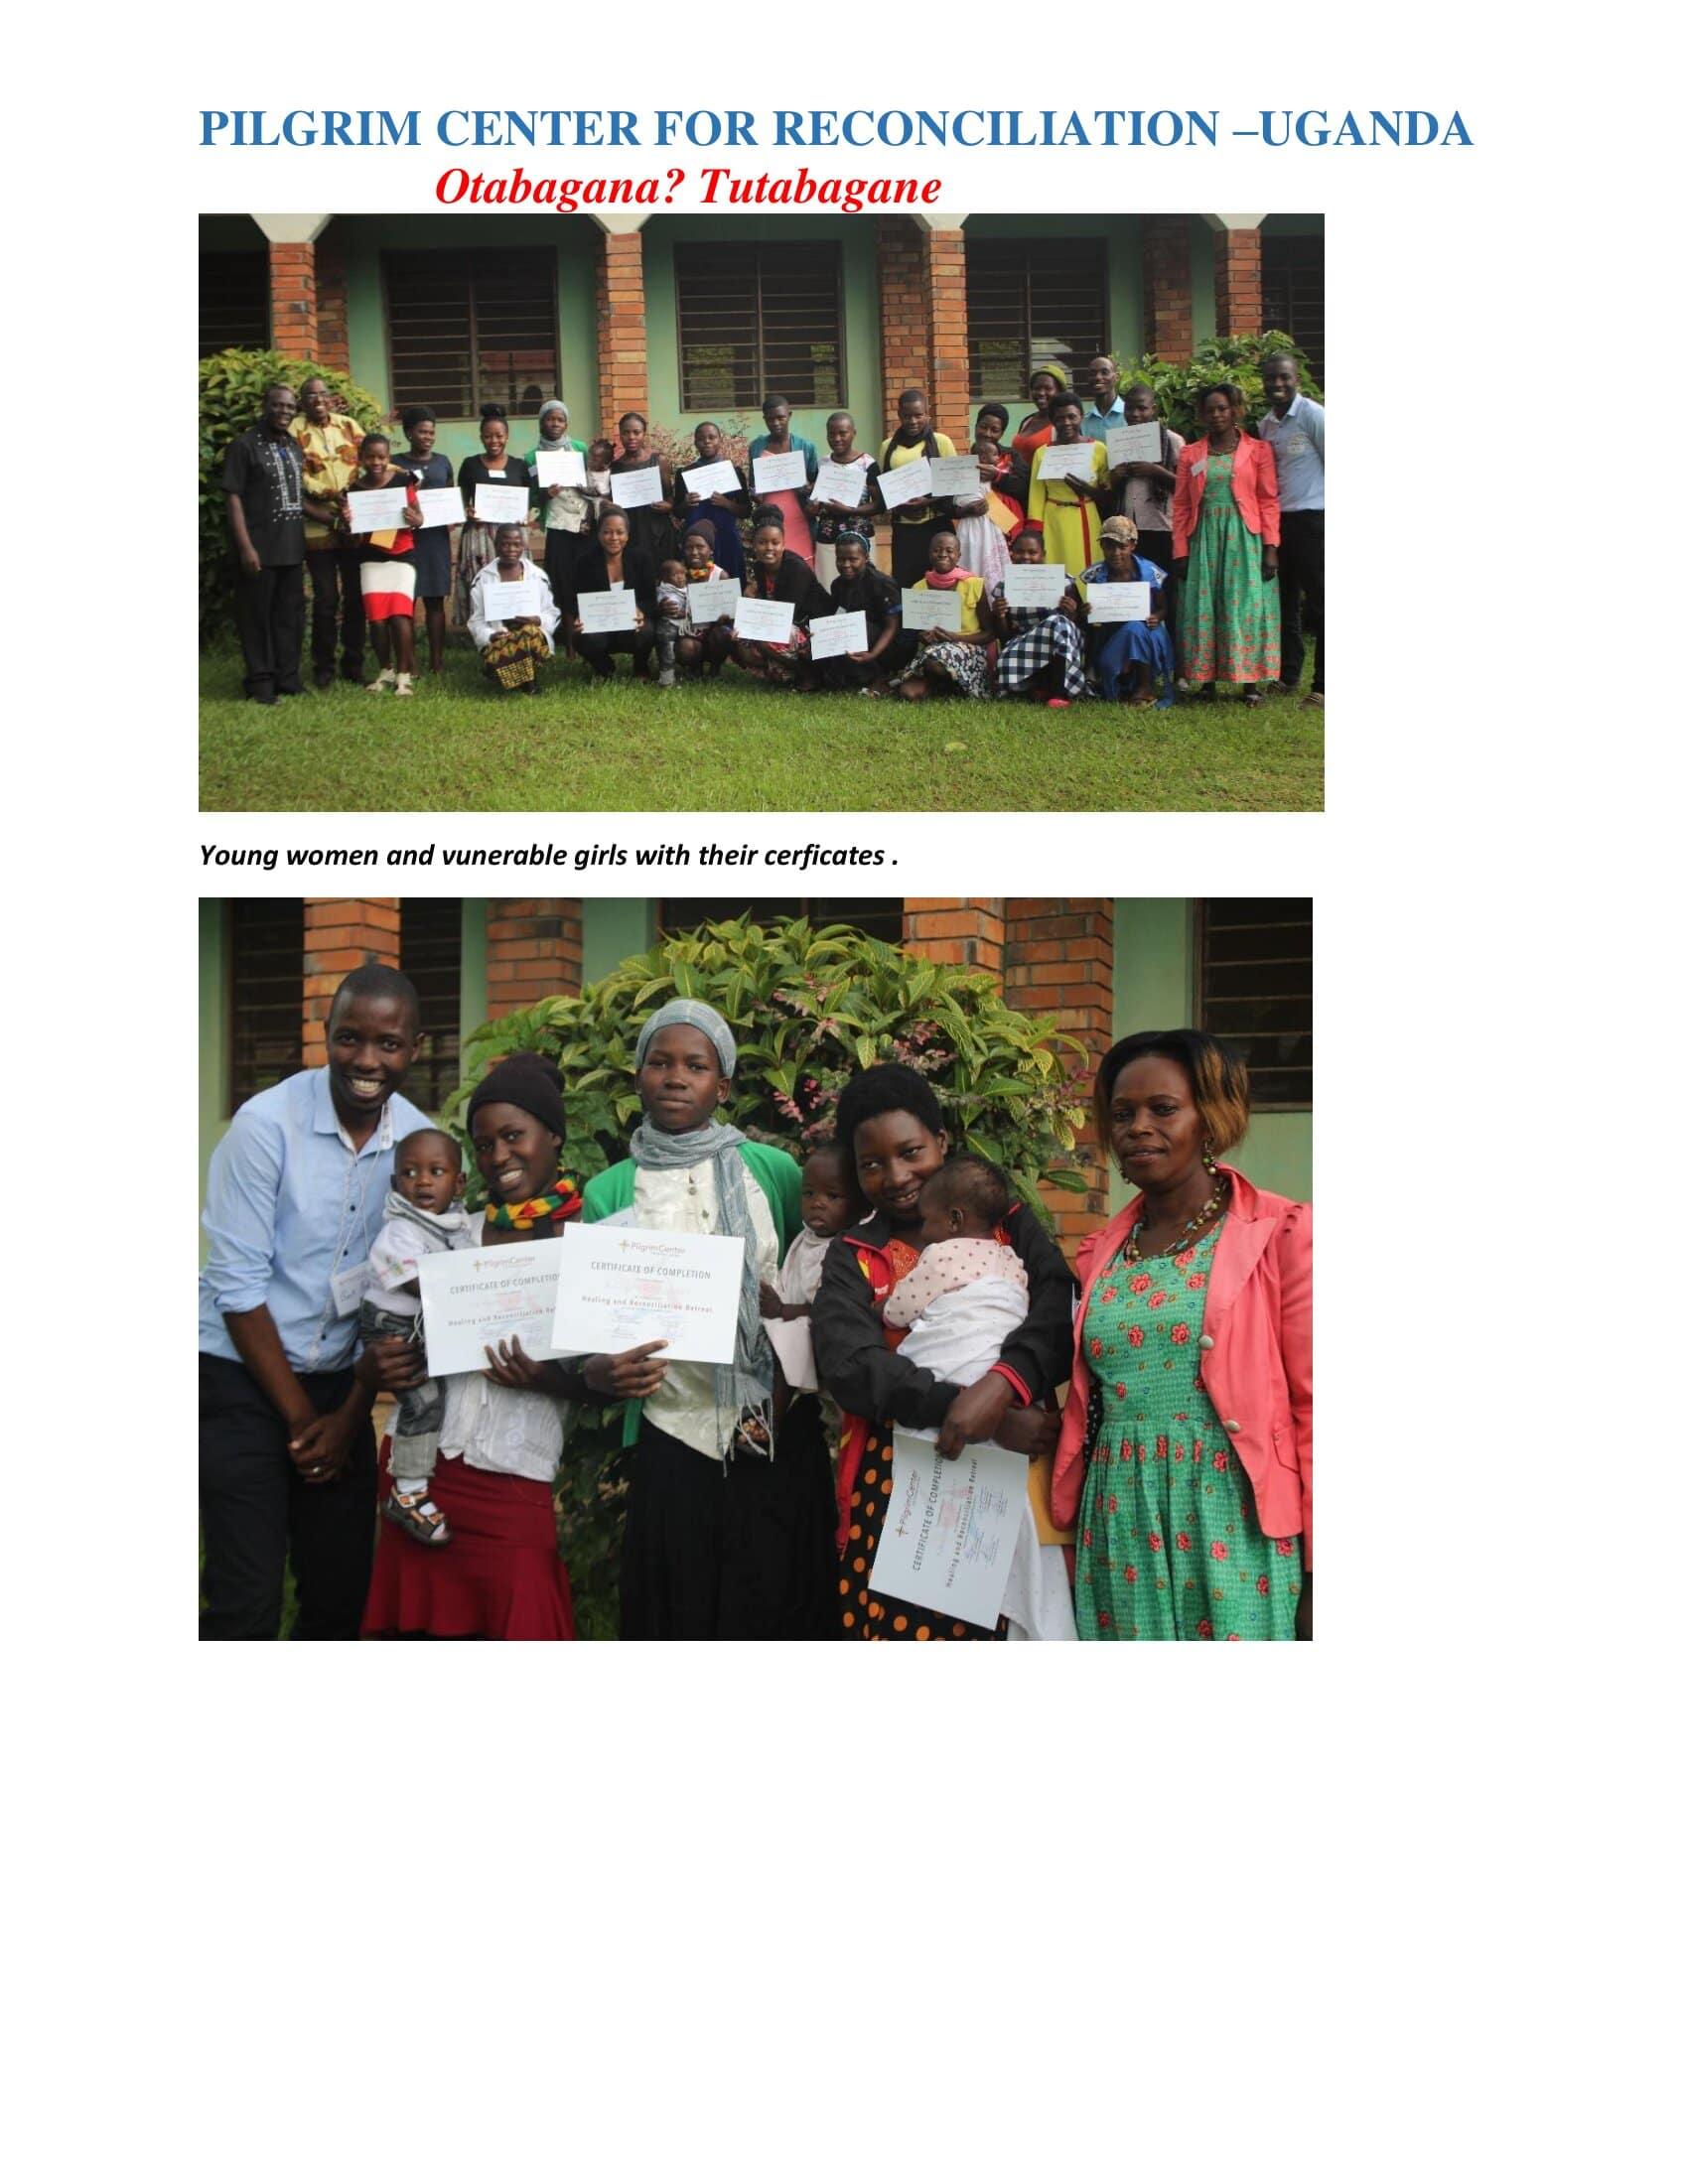 Pirigrim center for reconcilation -Uganda _0019-min